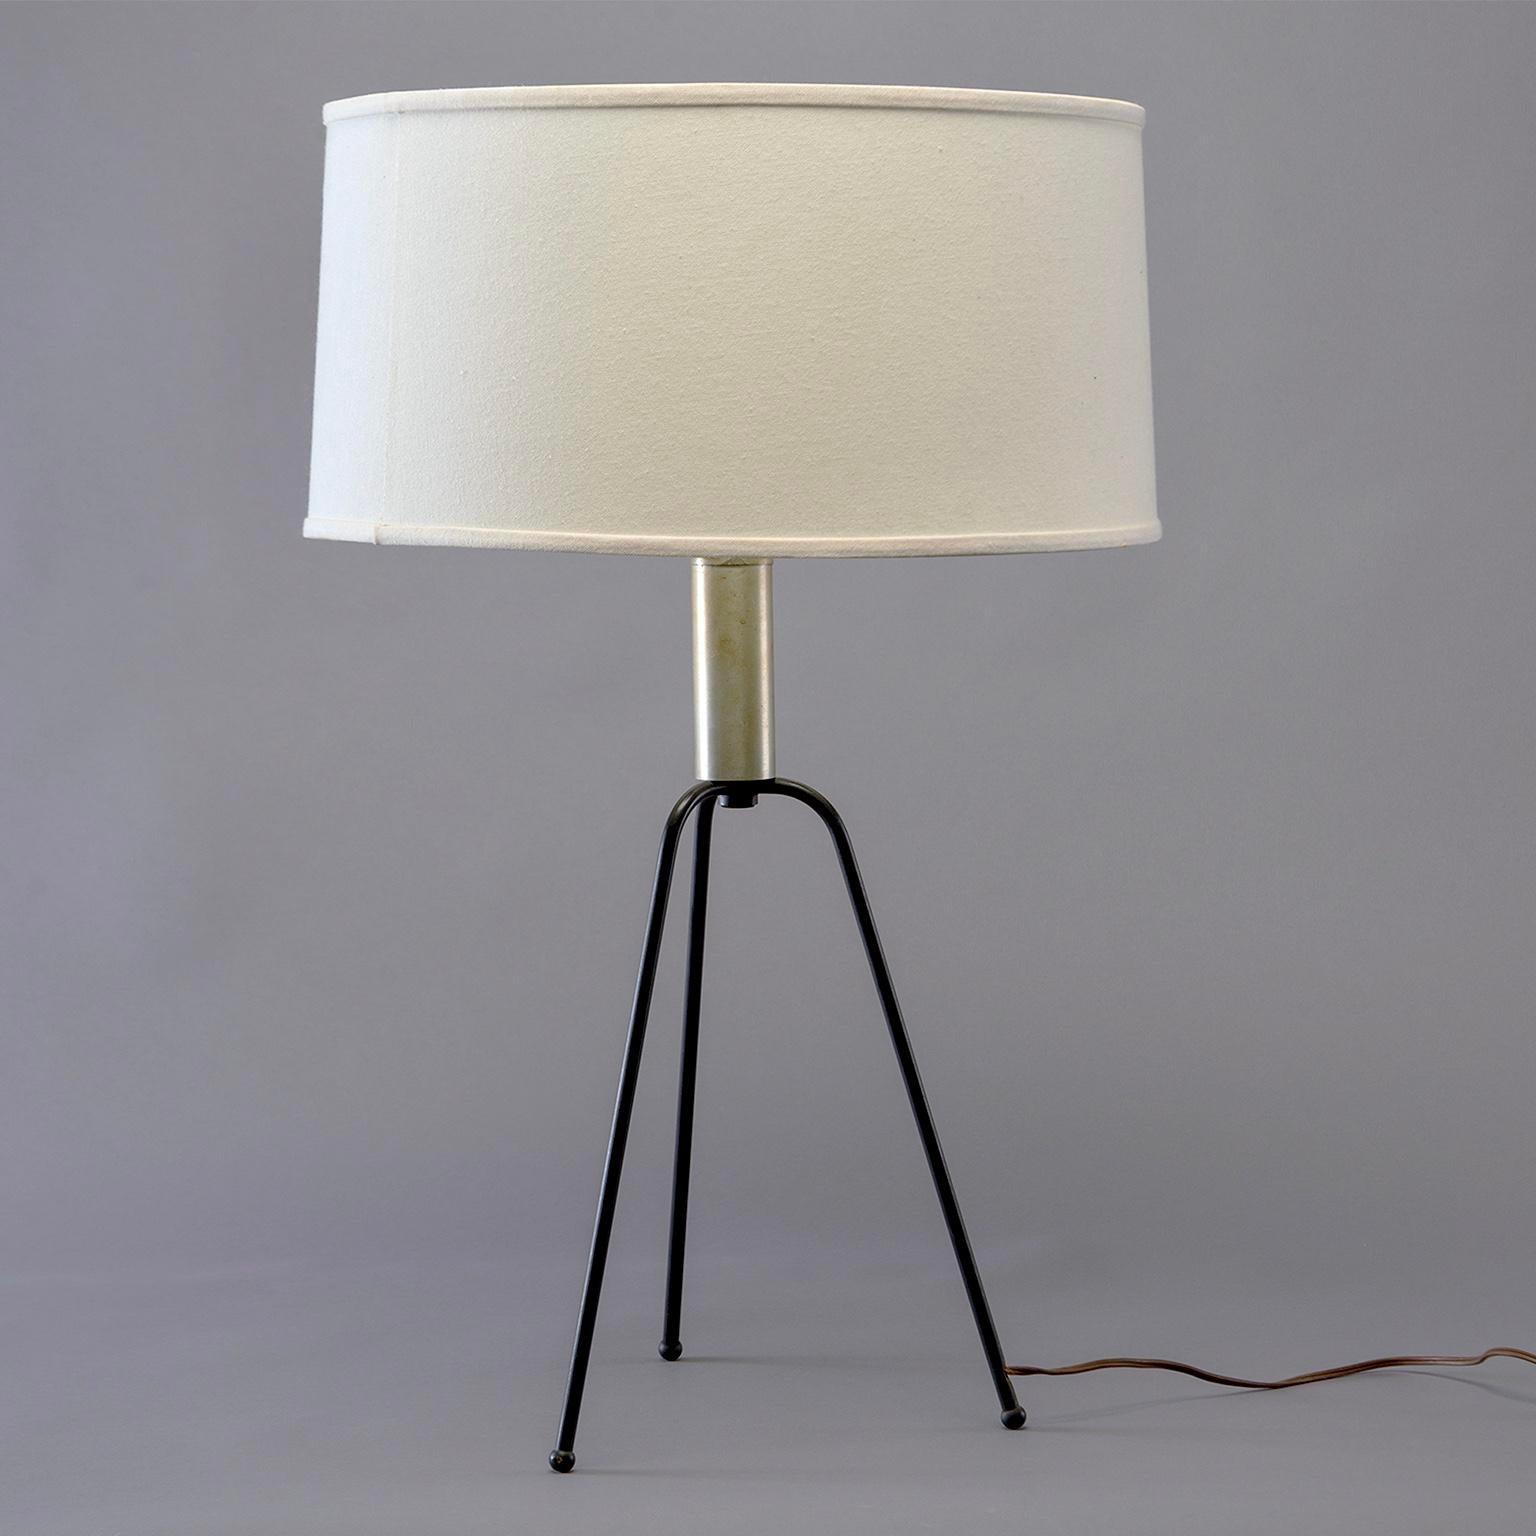 Mid Century Iron Tripod Table Lamp Chairish